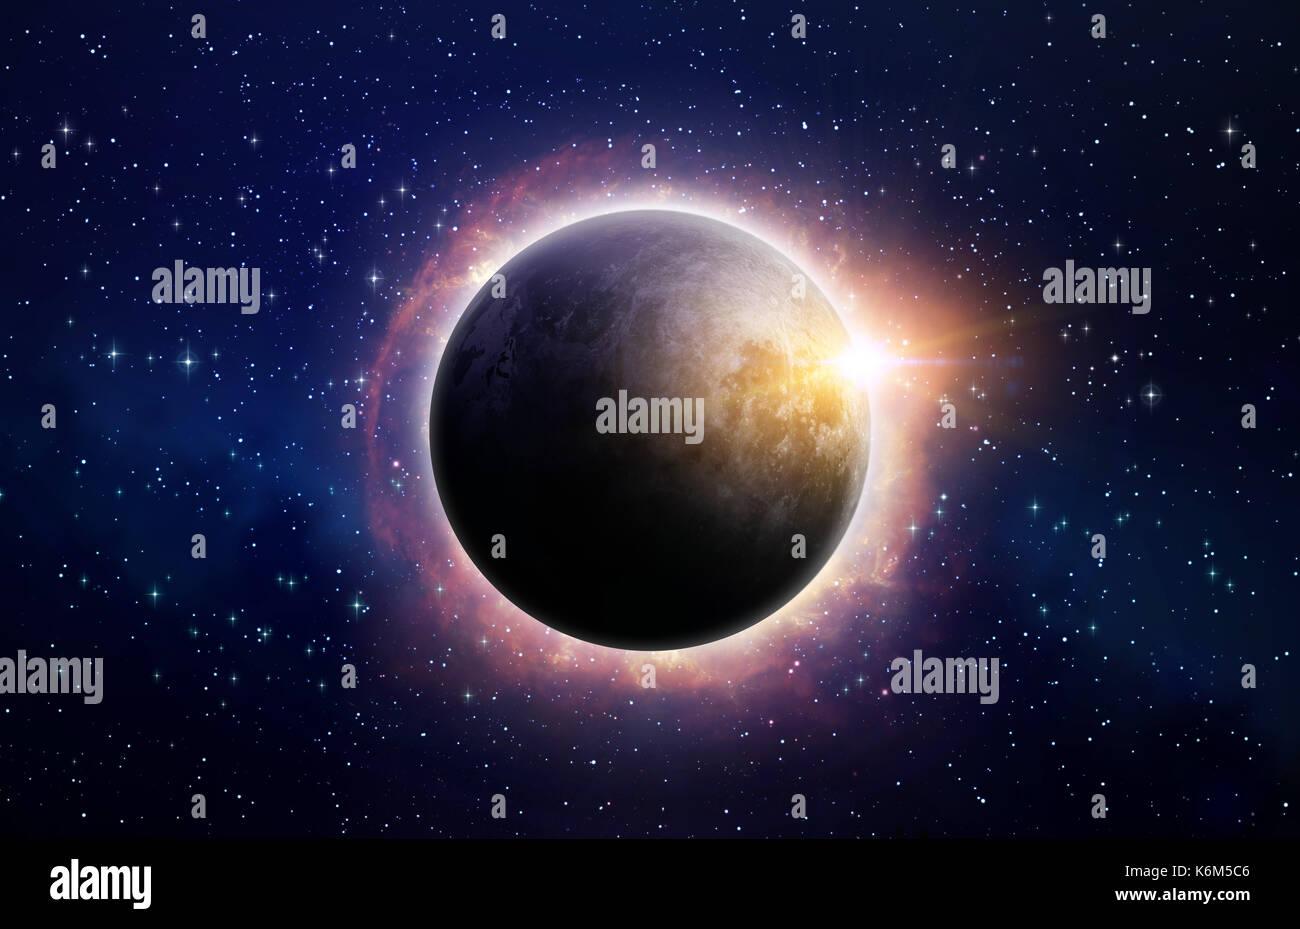 Piena eclissi di sole, circondato da solari, nello spazio profondo Immagini Stock